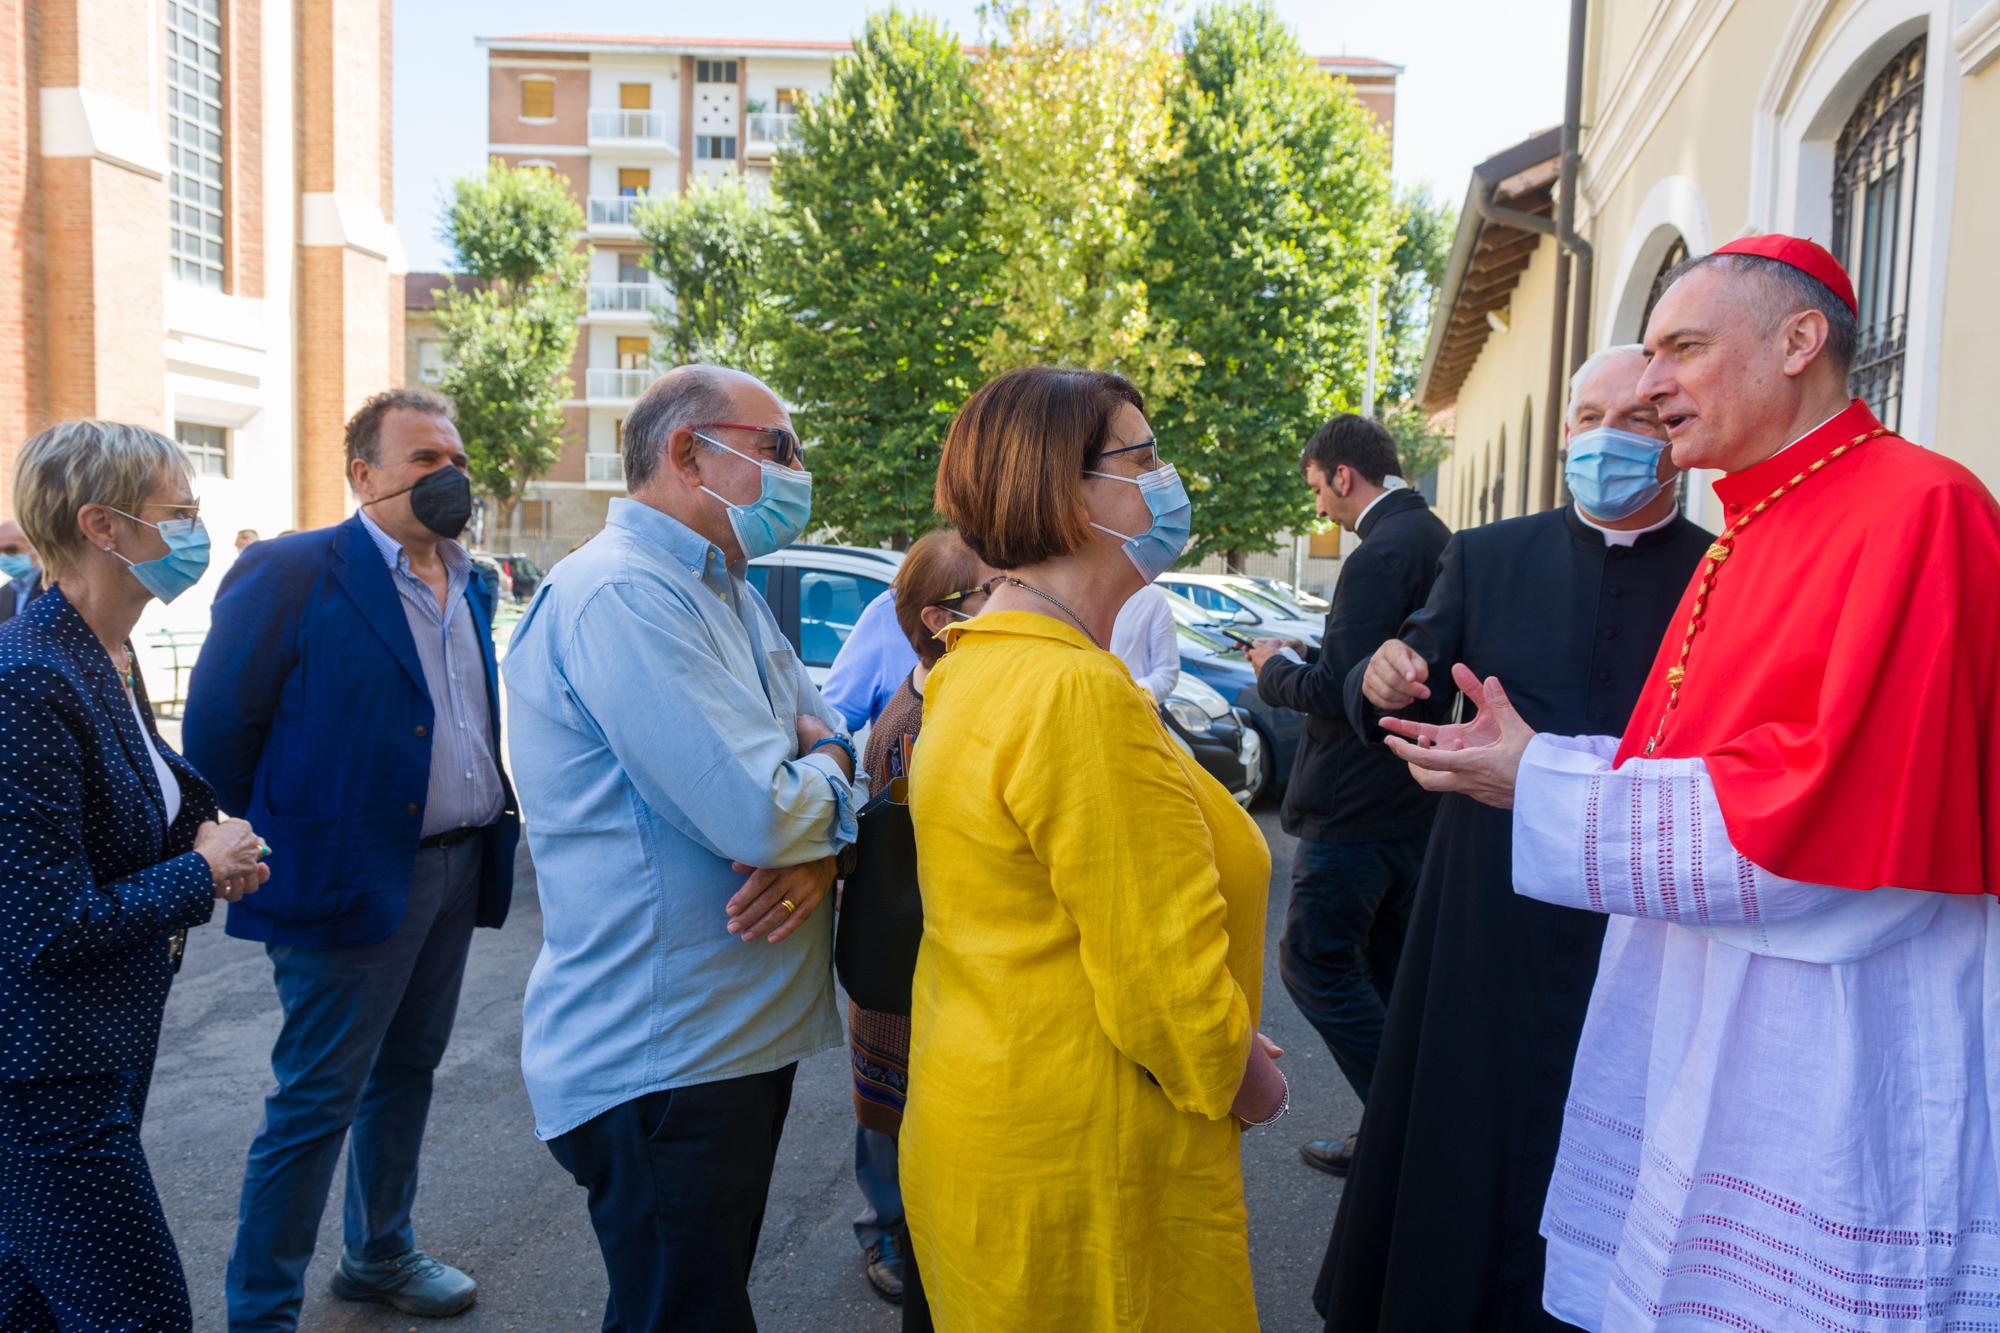 29-agosto-2021-pontificale-10.30-MdG-–-FOTO_mdg_-300